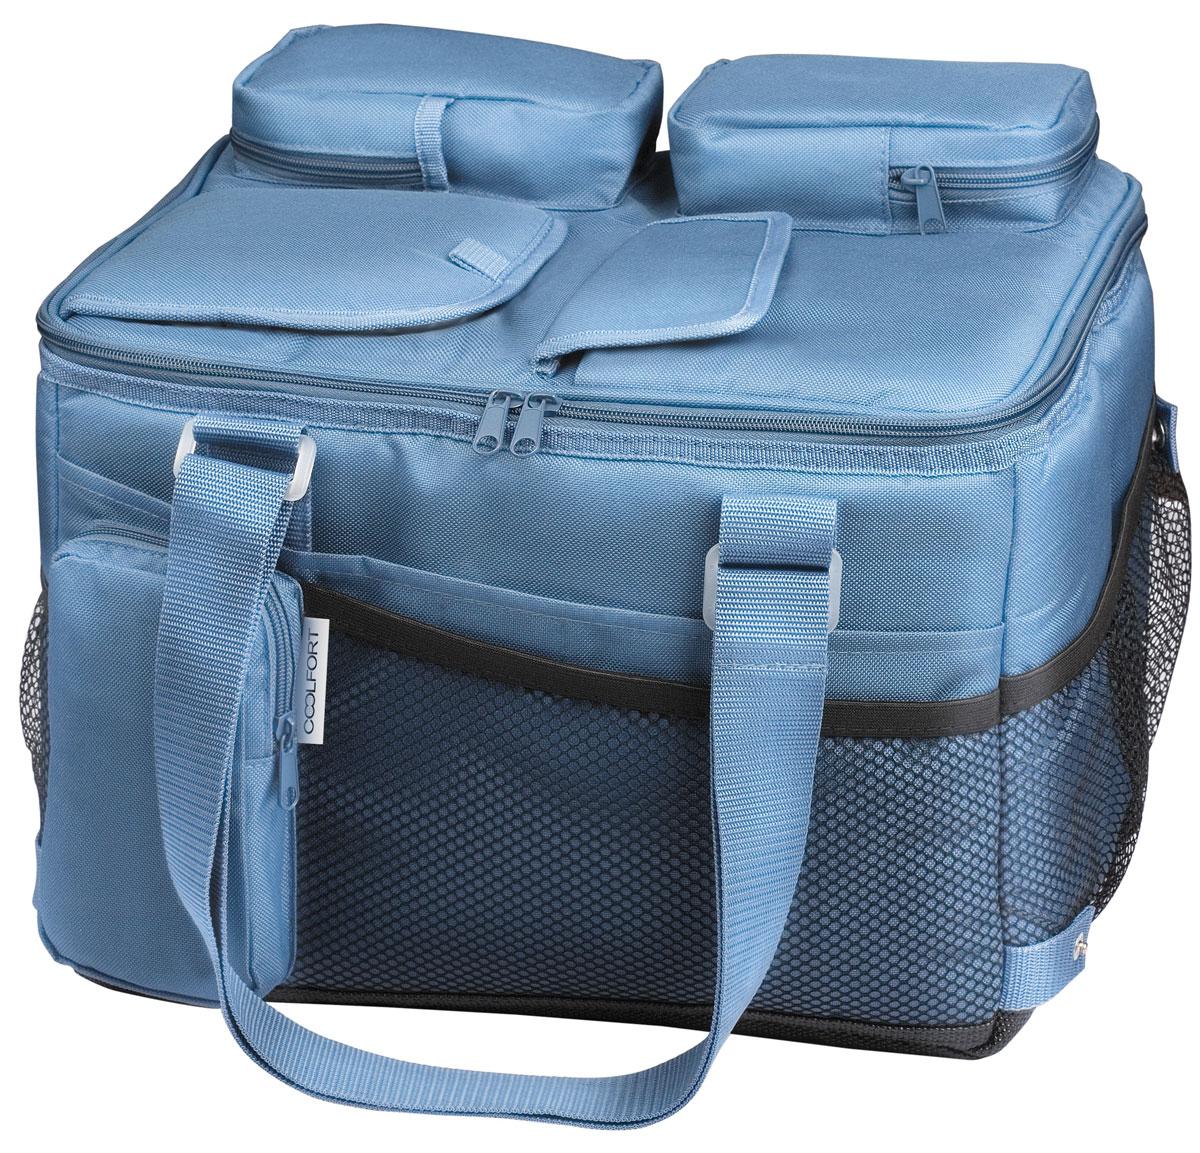 Coolfort CF-1221 cумка-холодильник объем 21 л1221-CF-01Термоэлектрическая сумка-холодильник Coolfort СF-1221. Эта модель обладает достаточно компактными размерами, поэтому вполне найдет себе применение не только в качестве устройства, которое необходимо при выезде на природу или за город, но и в качестве мобильного холодильника в автомобиле. С помощью аккумулятора Coolfort CF-1221 может эффективно охлаждать внутреннее пространство на 15 градусов по отношению к окружающему воздуху. После отключения устройства заданная температура поддерживается благодаря уникальной технологии THERMOFORT. Система вентиляции двусторонняя, что позволяет ей действовать более эффективно. Для того чтобы было удобнее хранить шнур и адаптер, в конструкции этой сумки холодильника предусмотрены специальные карманы. Это помогает всегда держать нужные элементы под рукой. Ручка для переноса может регулироваться по длине, что позволяет сделать это устройство еще более удобным при транспортировке. Если моделью не планируется пользоваться в течение...